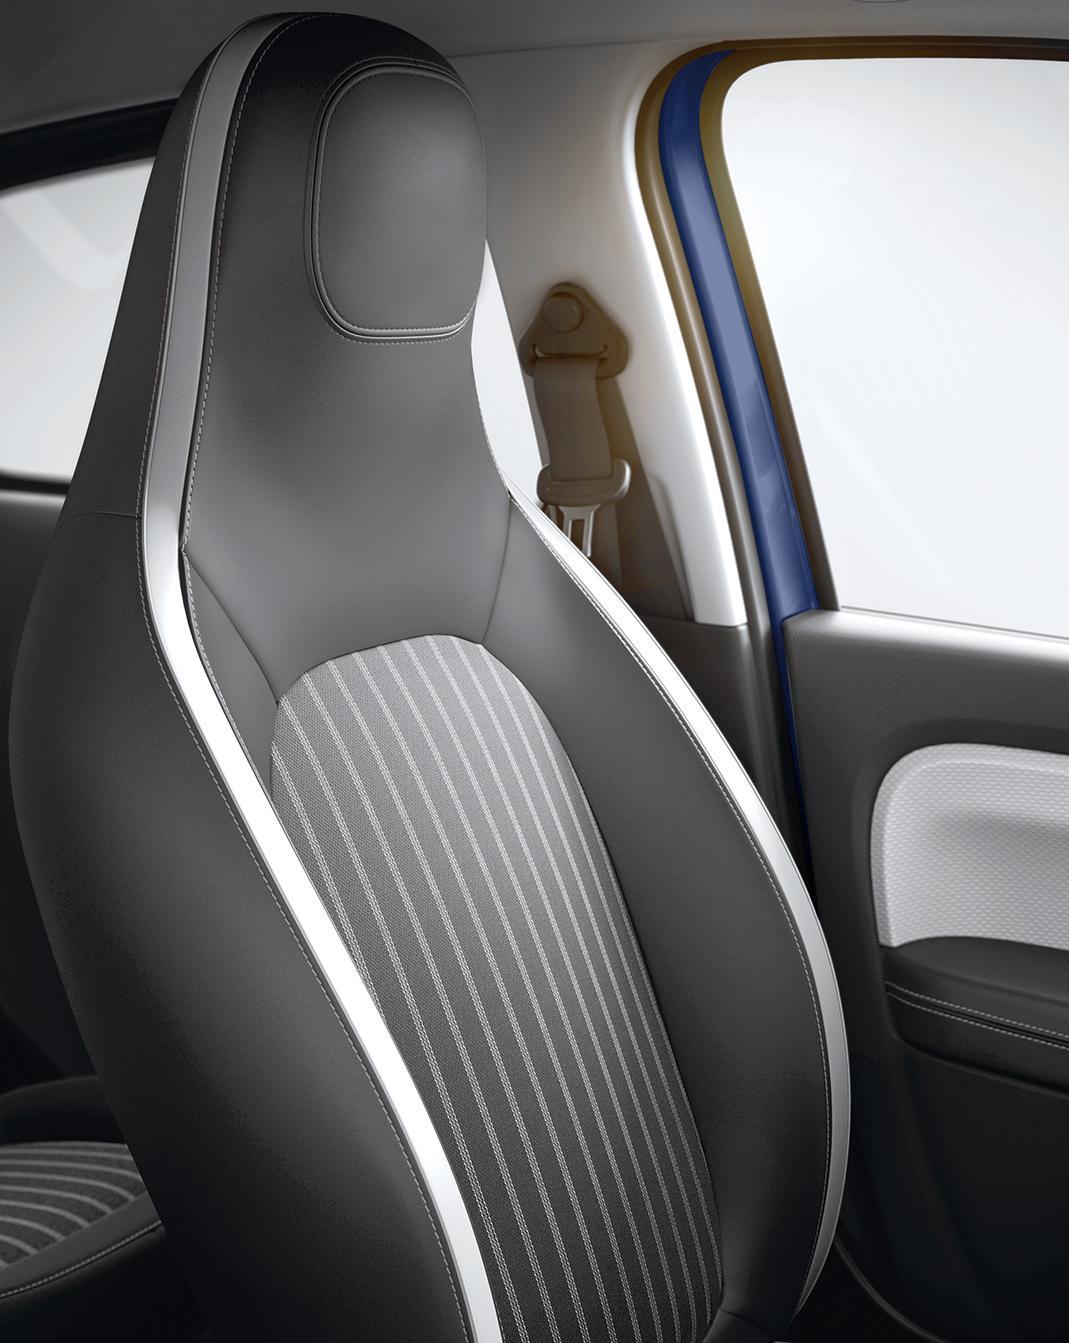 ルノー・トゥインゴが改良で魅力アップ! 同時に限定車「リミテ」も設定し発売